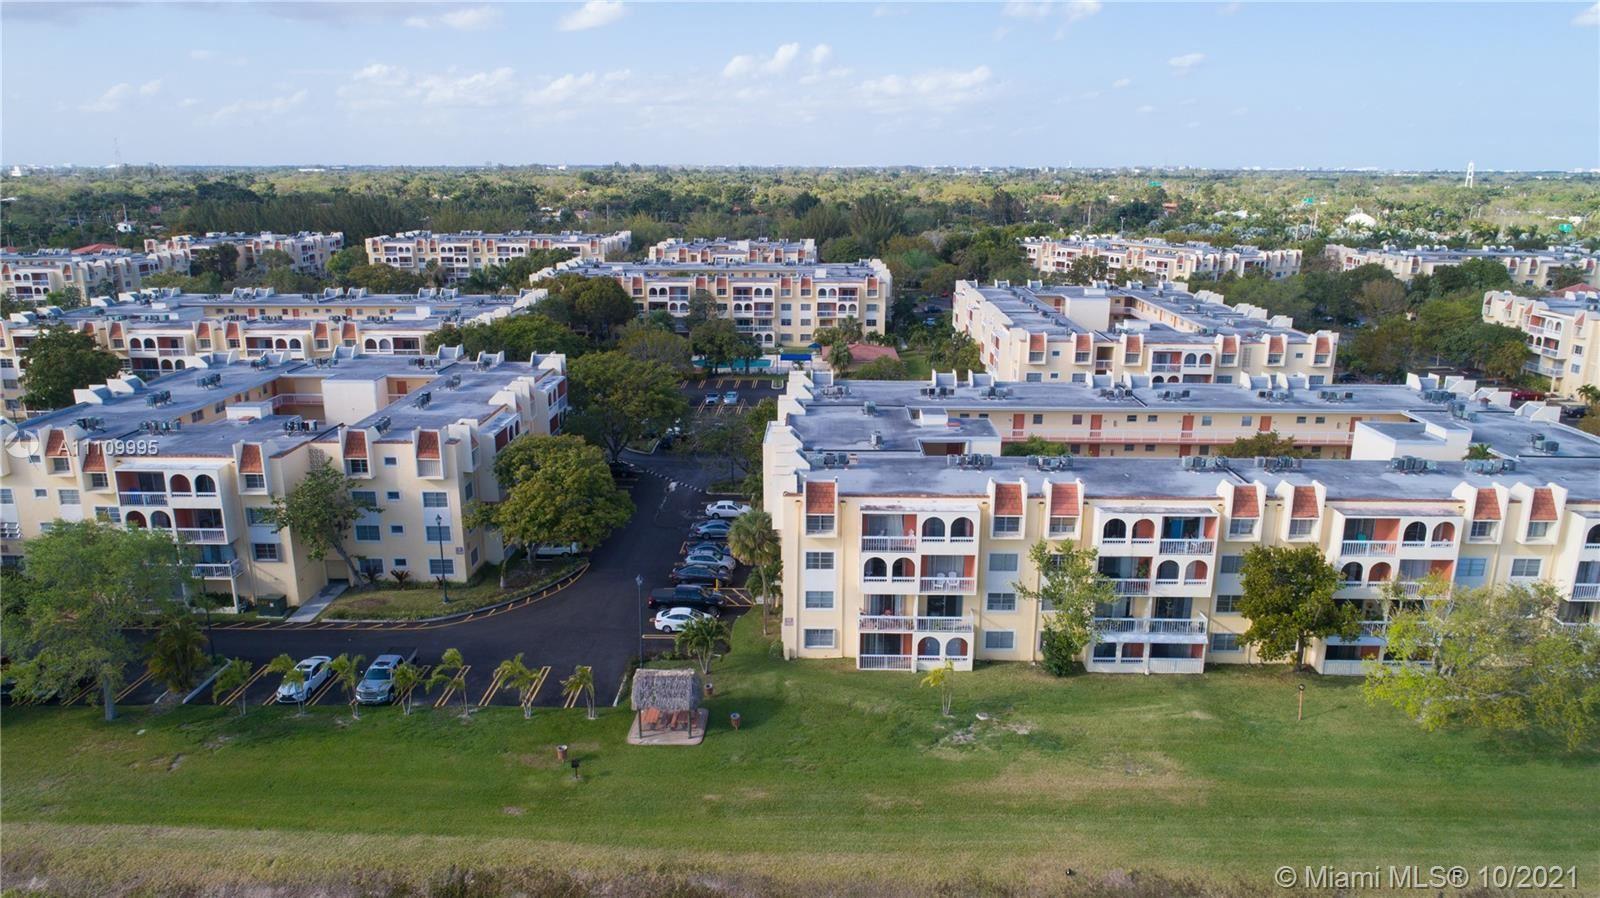 7830 Camino Real #K402, Miami, FL 33143 - #: A11109995